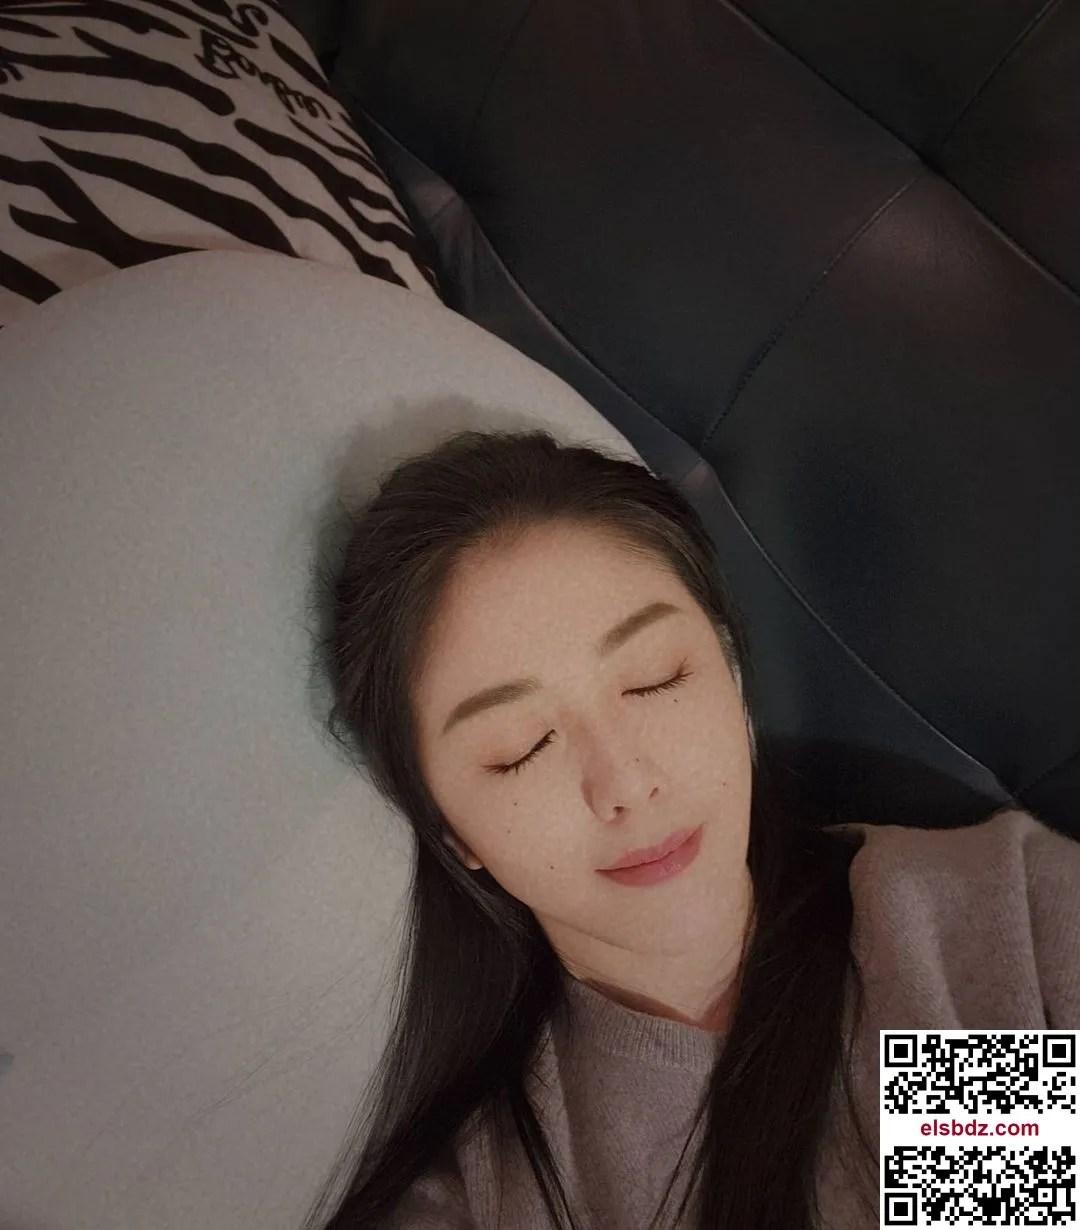 气质美女 YuHan网友直呼根本仙女下凡!插图(11)